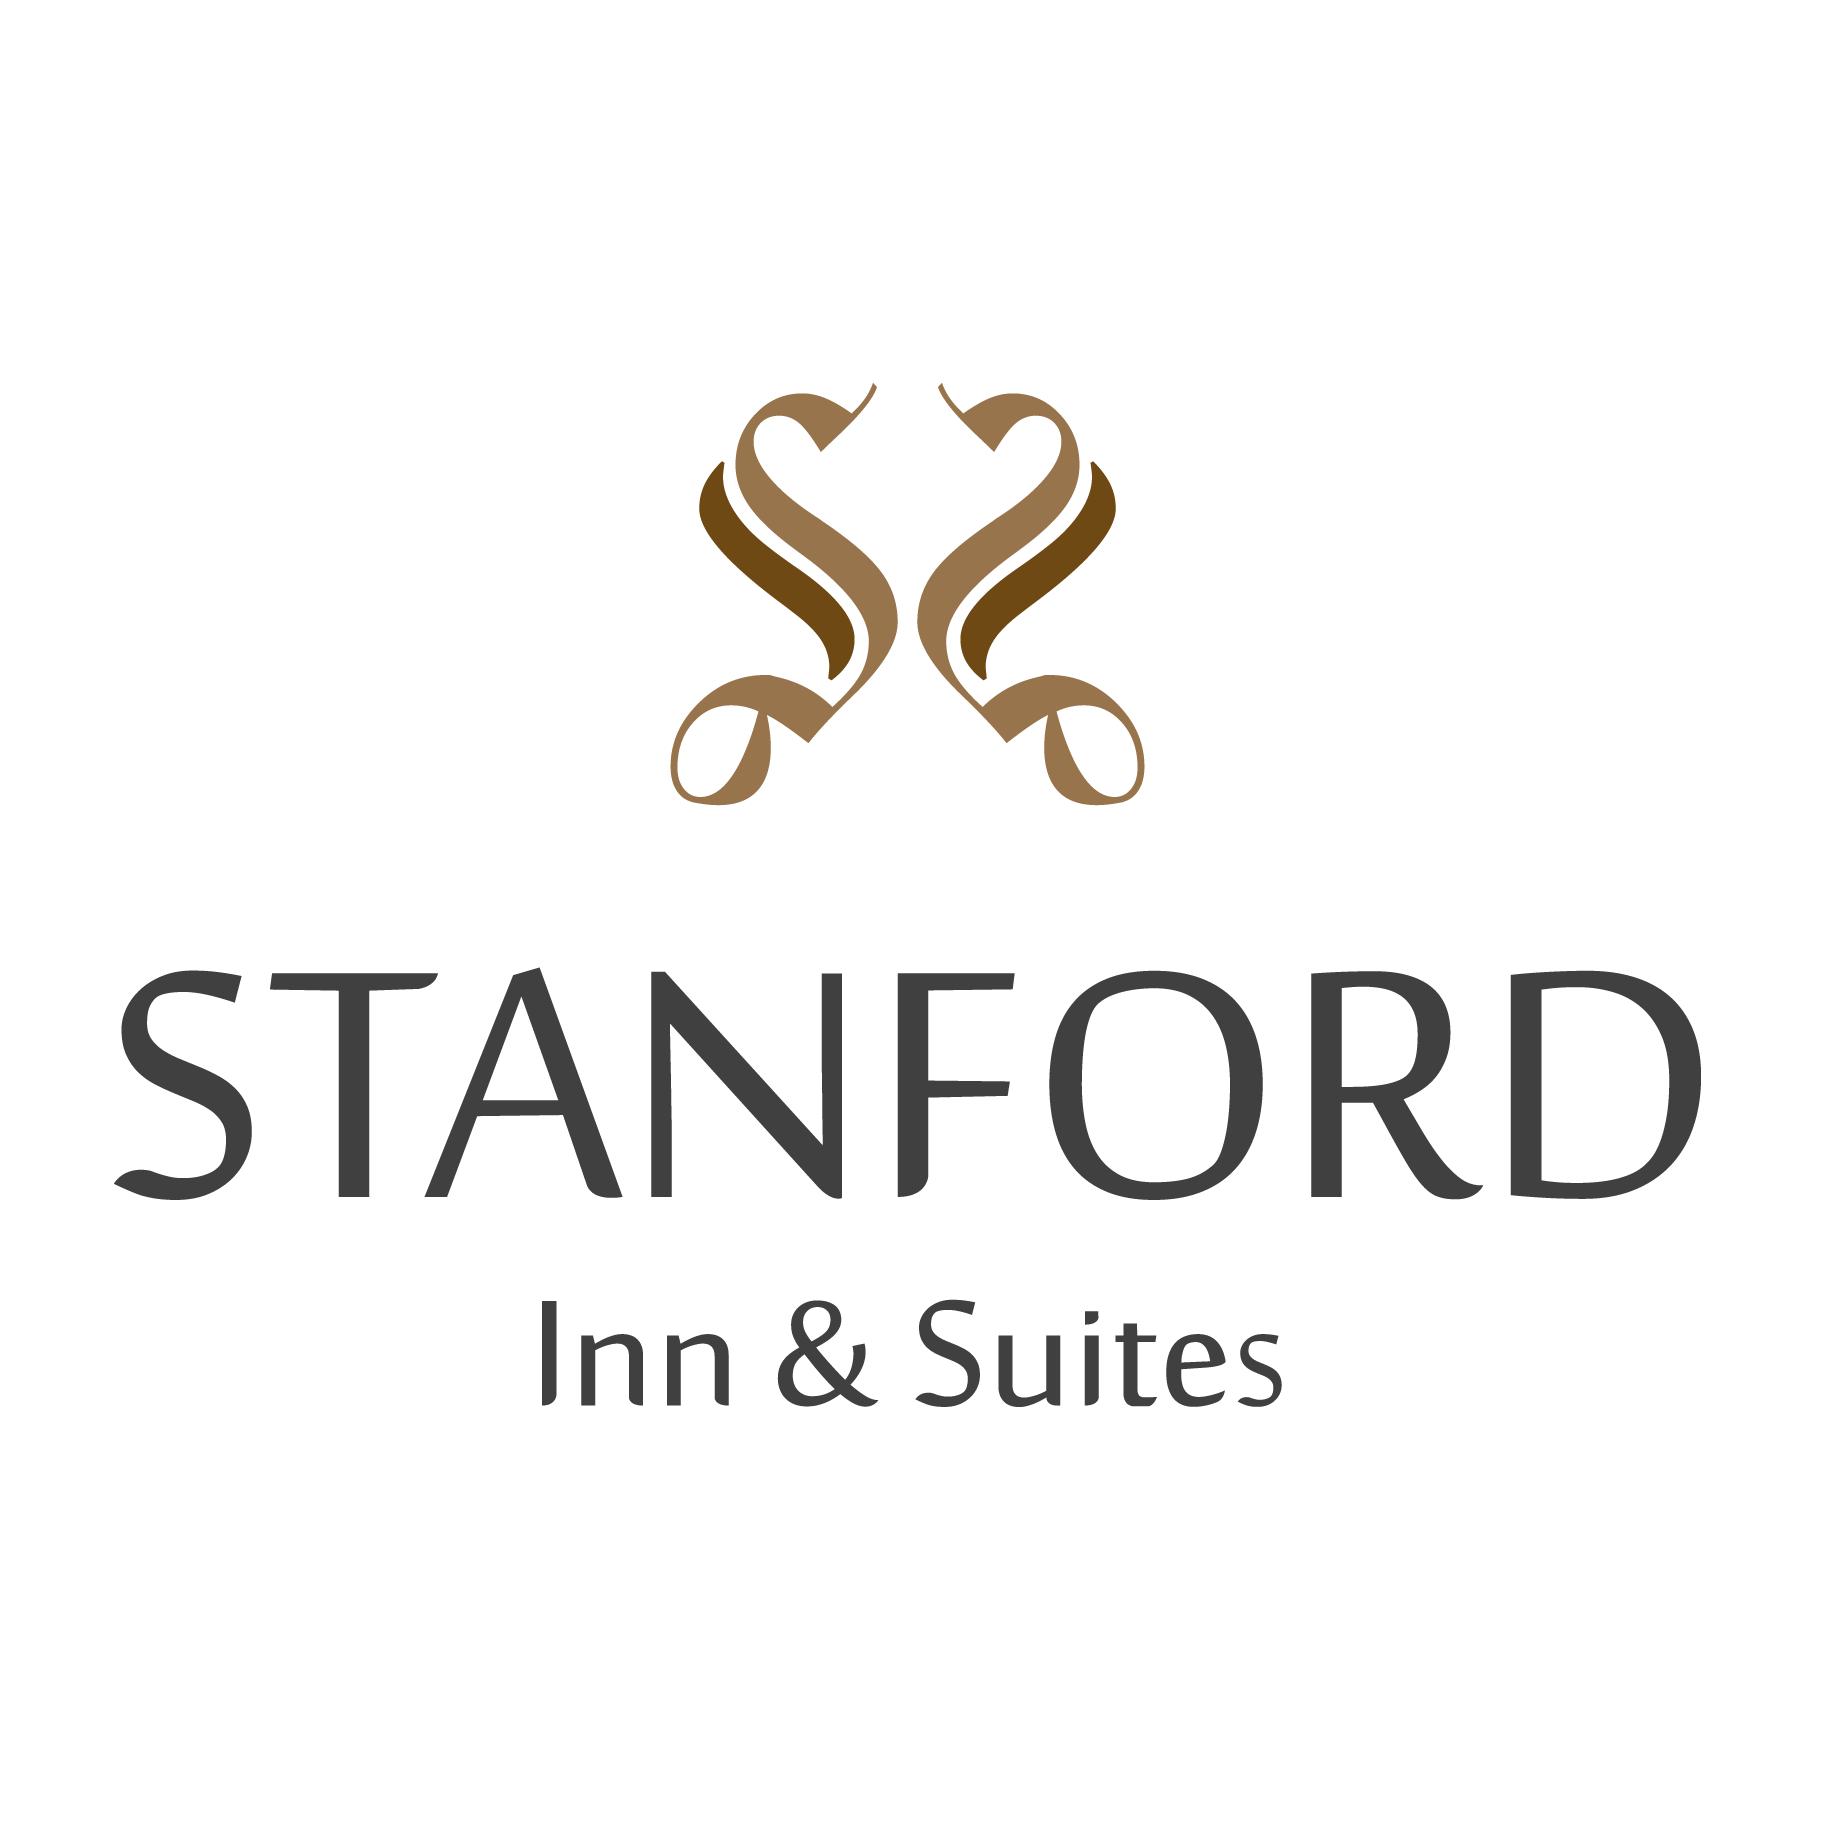 Stanford Inn & Suites image 12